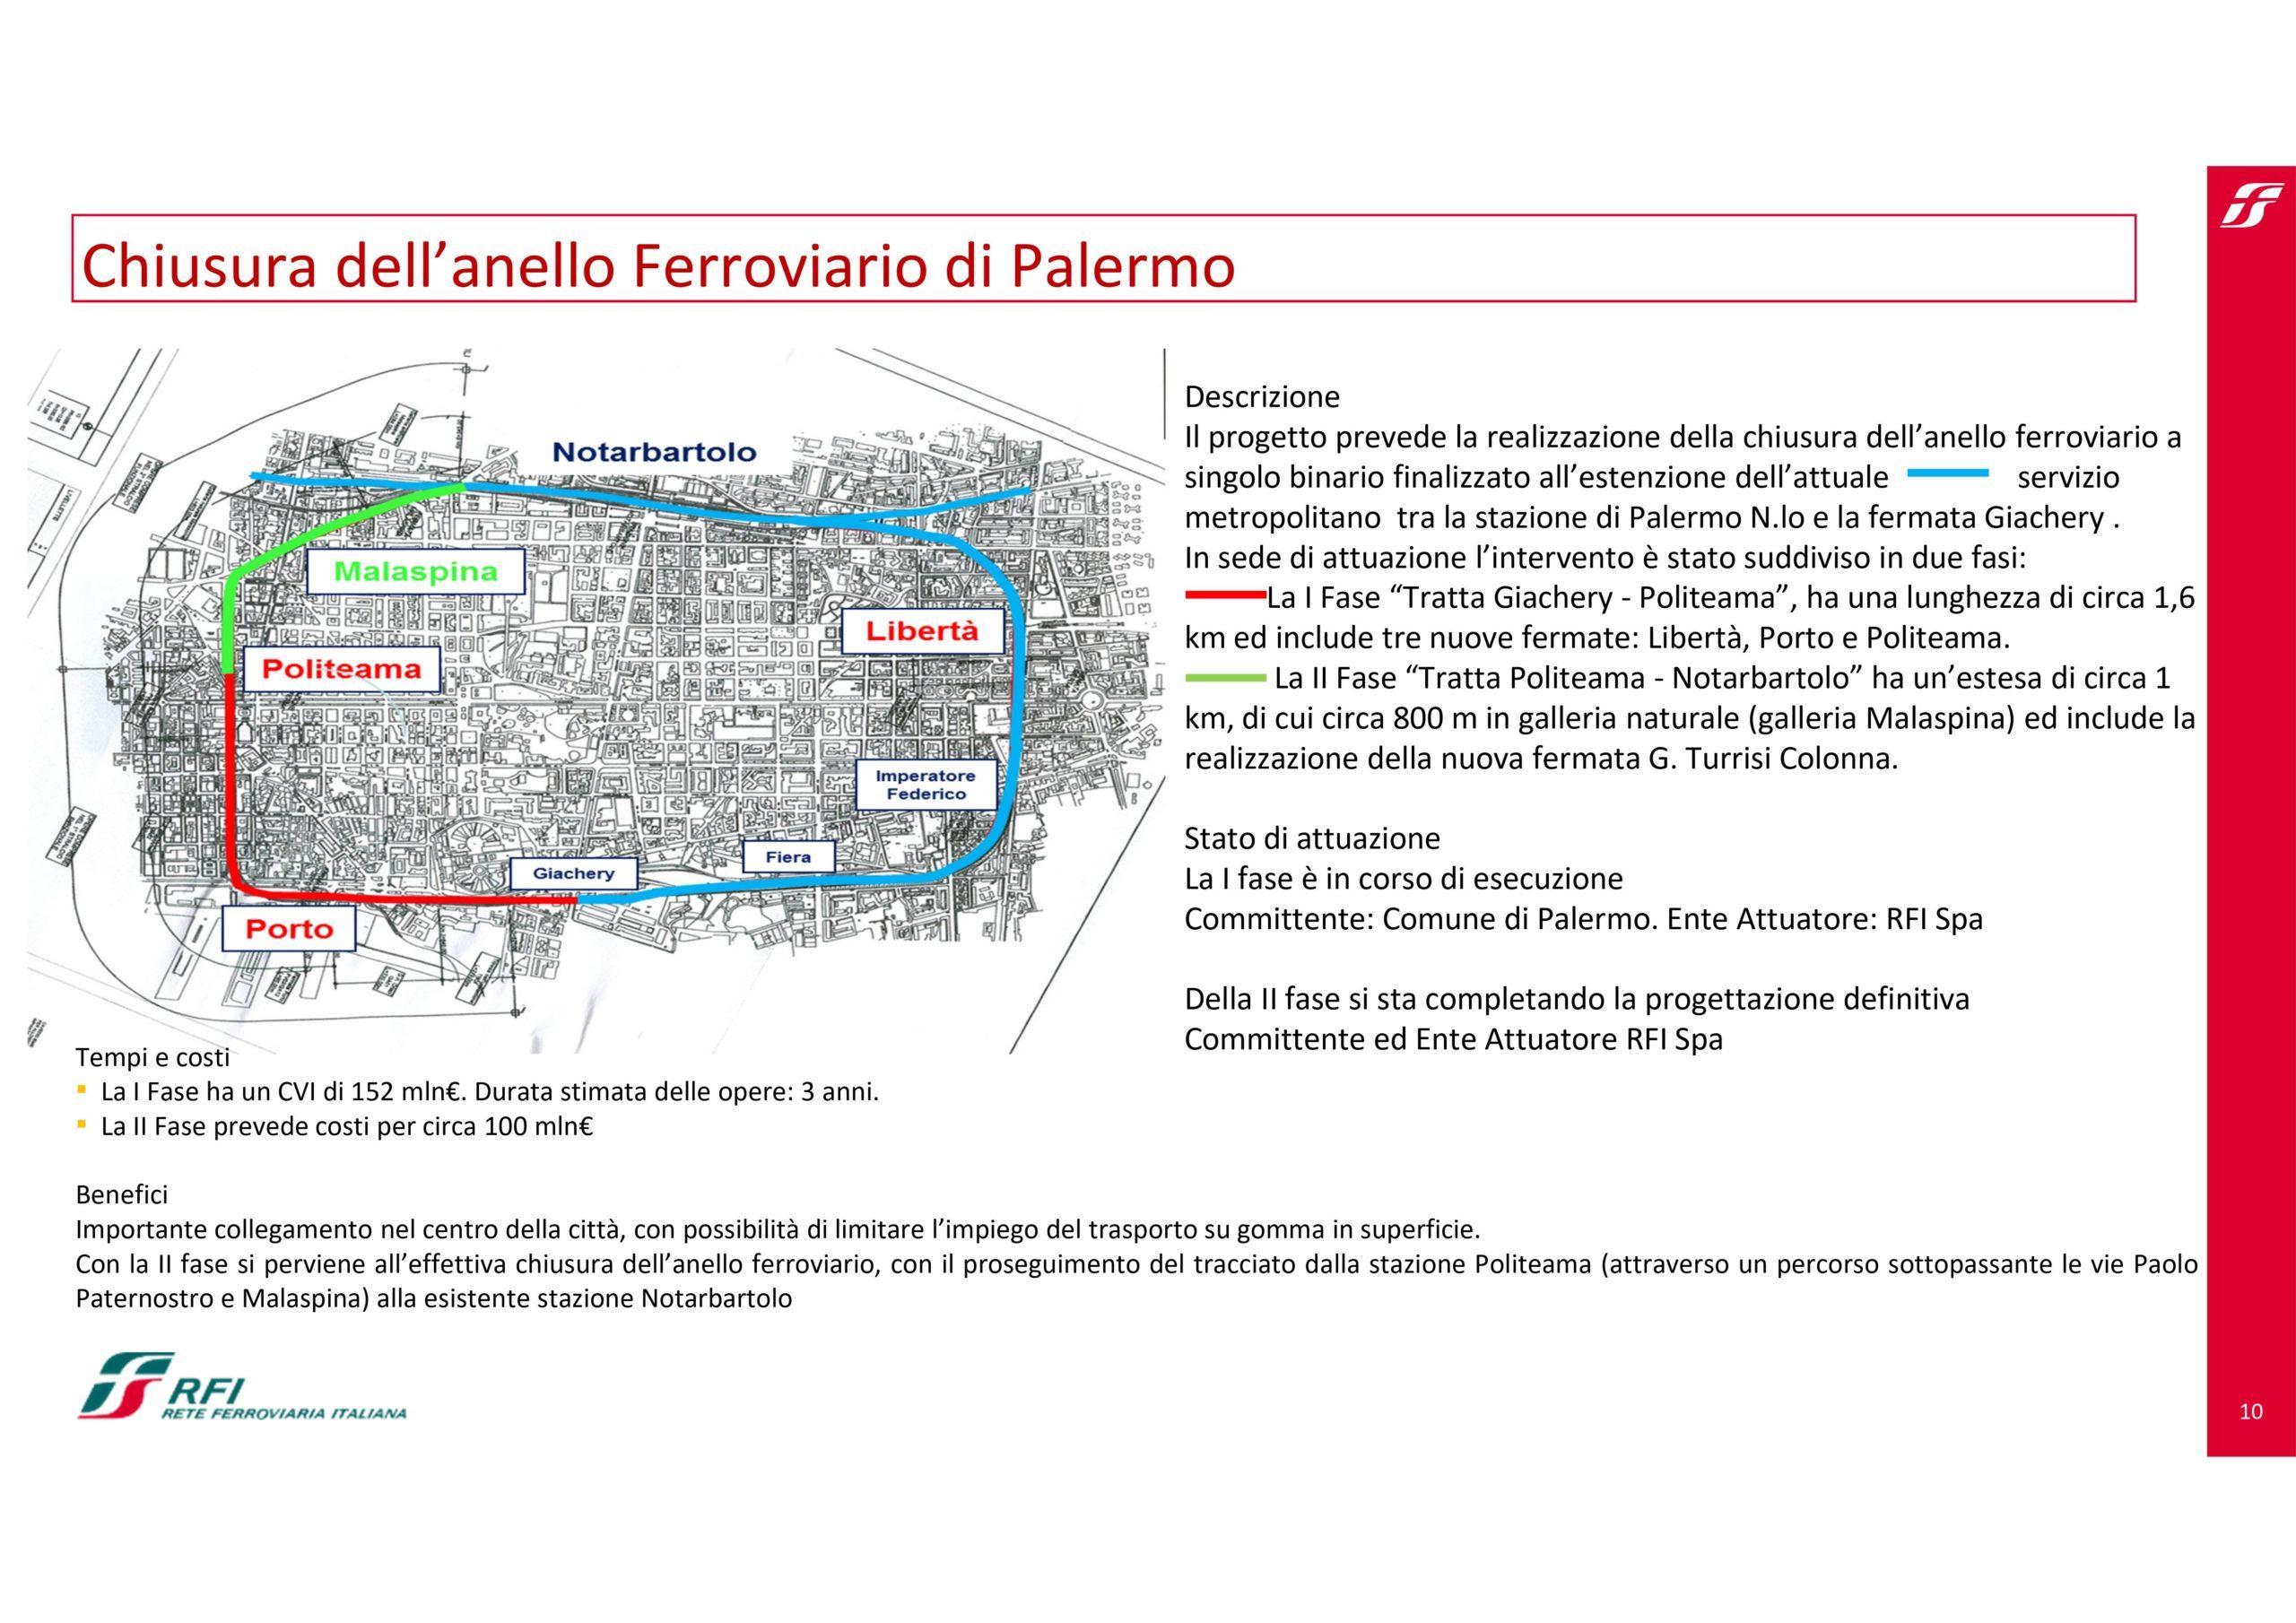 Chiusura dell'anello Ferroviario di Palermo RFI pag. 10